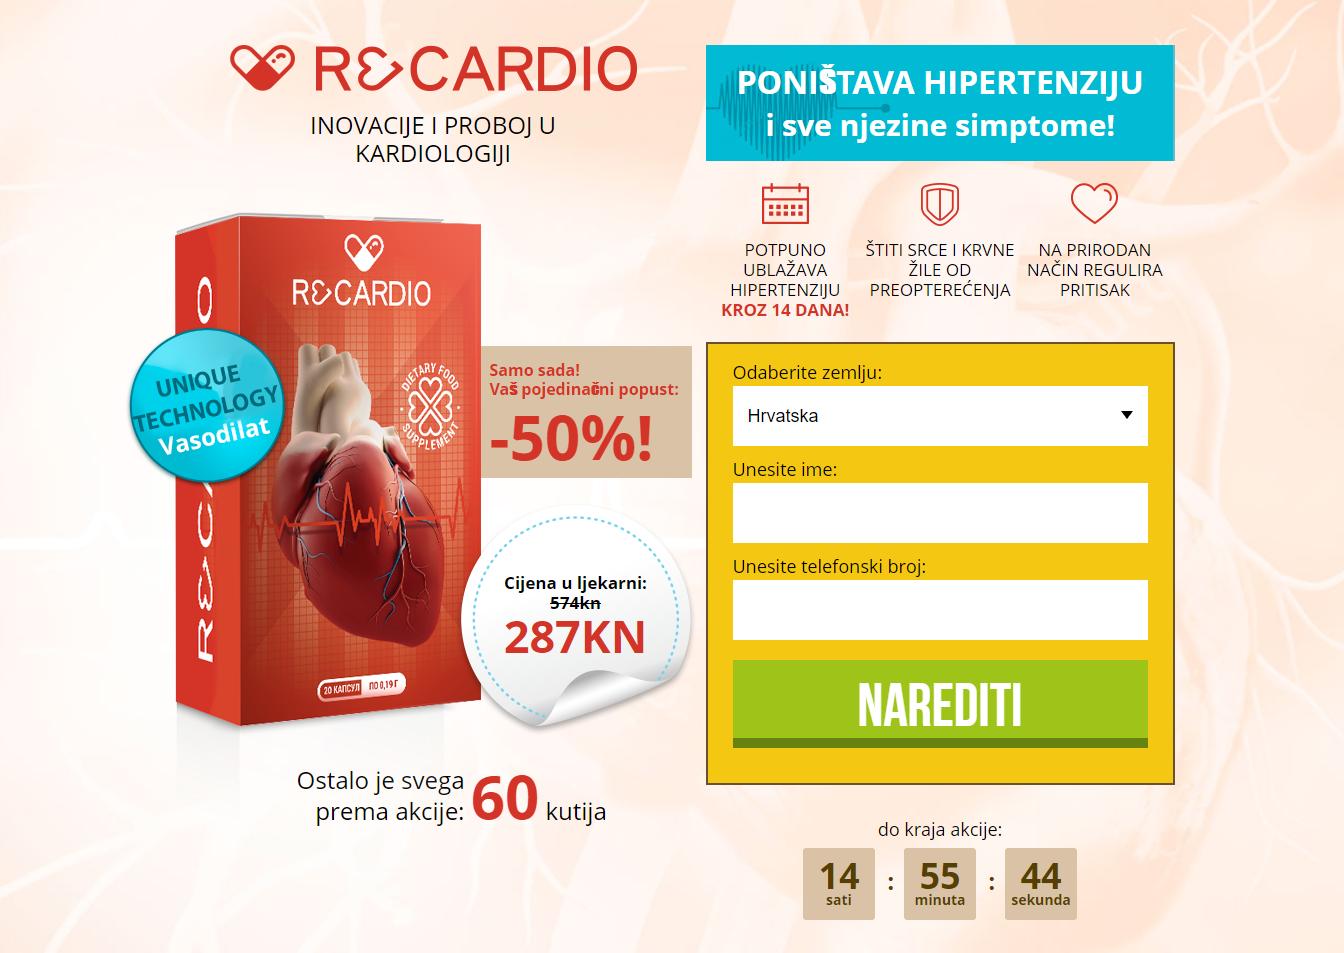 lijekovi za visoki krvni tlak ne pomažu